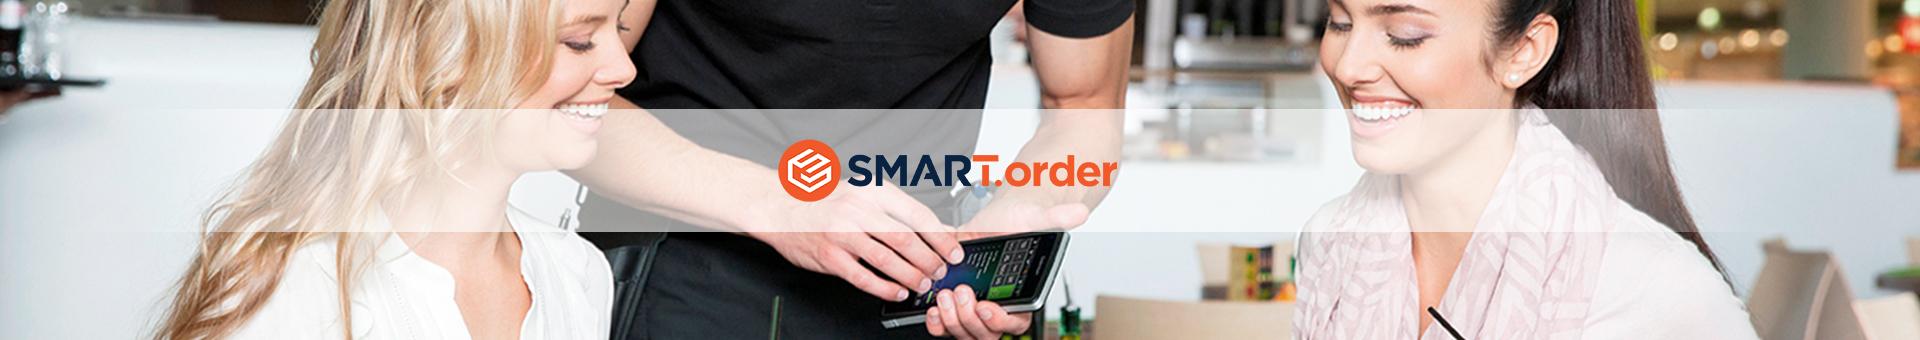 smart order